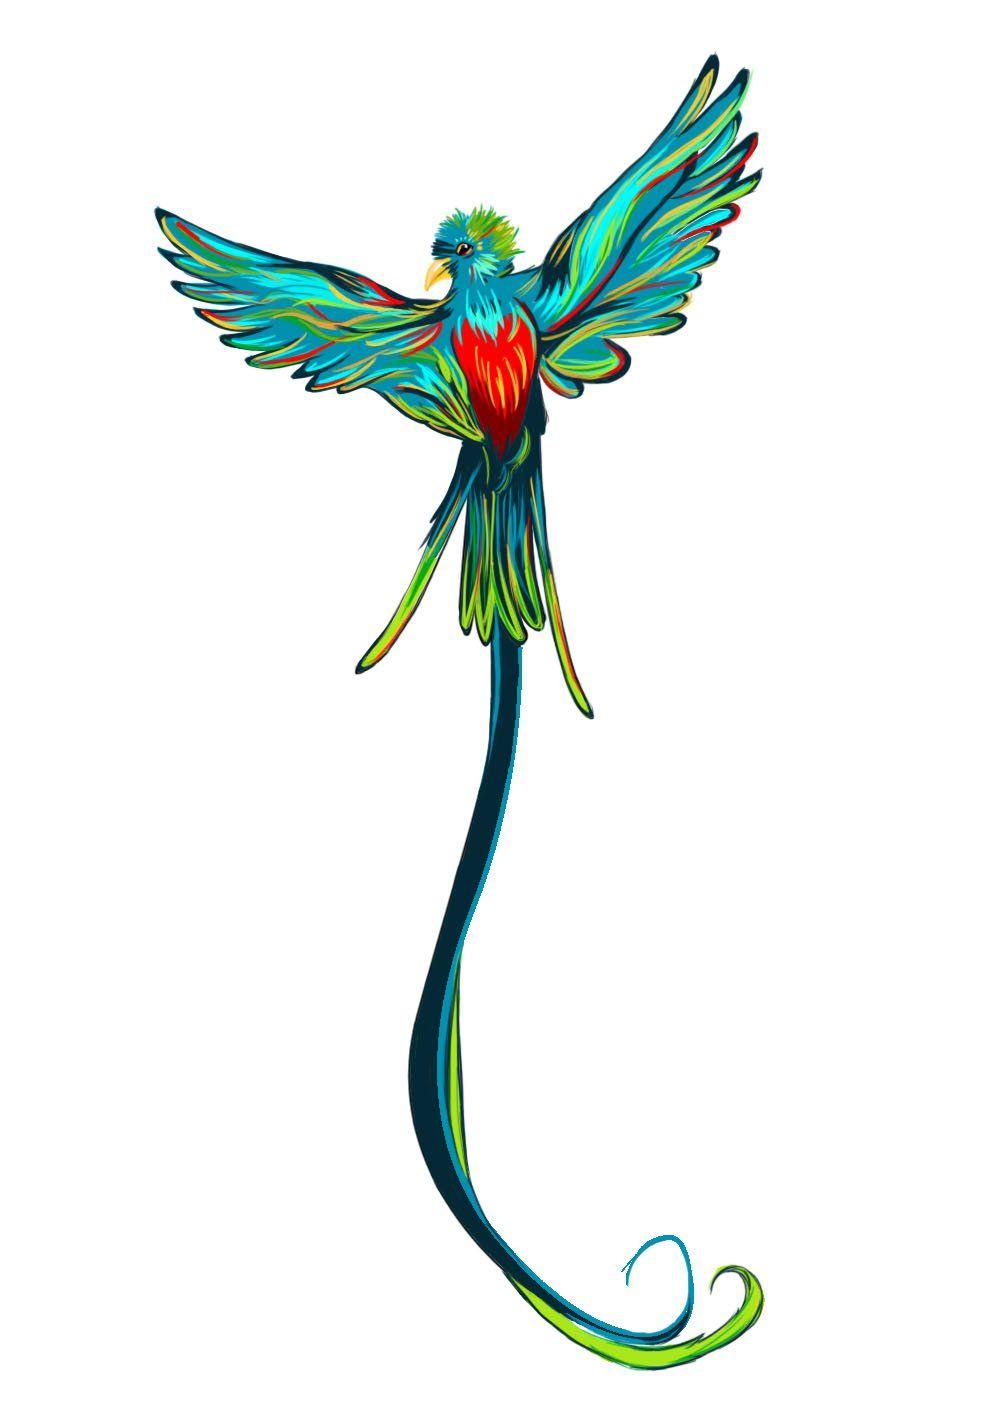 Quetzal Guatemala Con Imagenes Tatuaje De Quetzal Tatuajes